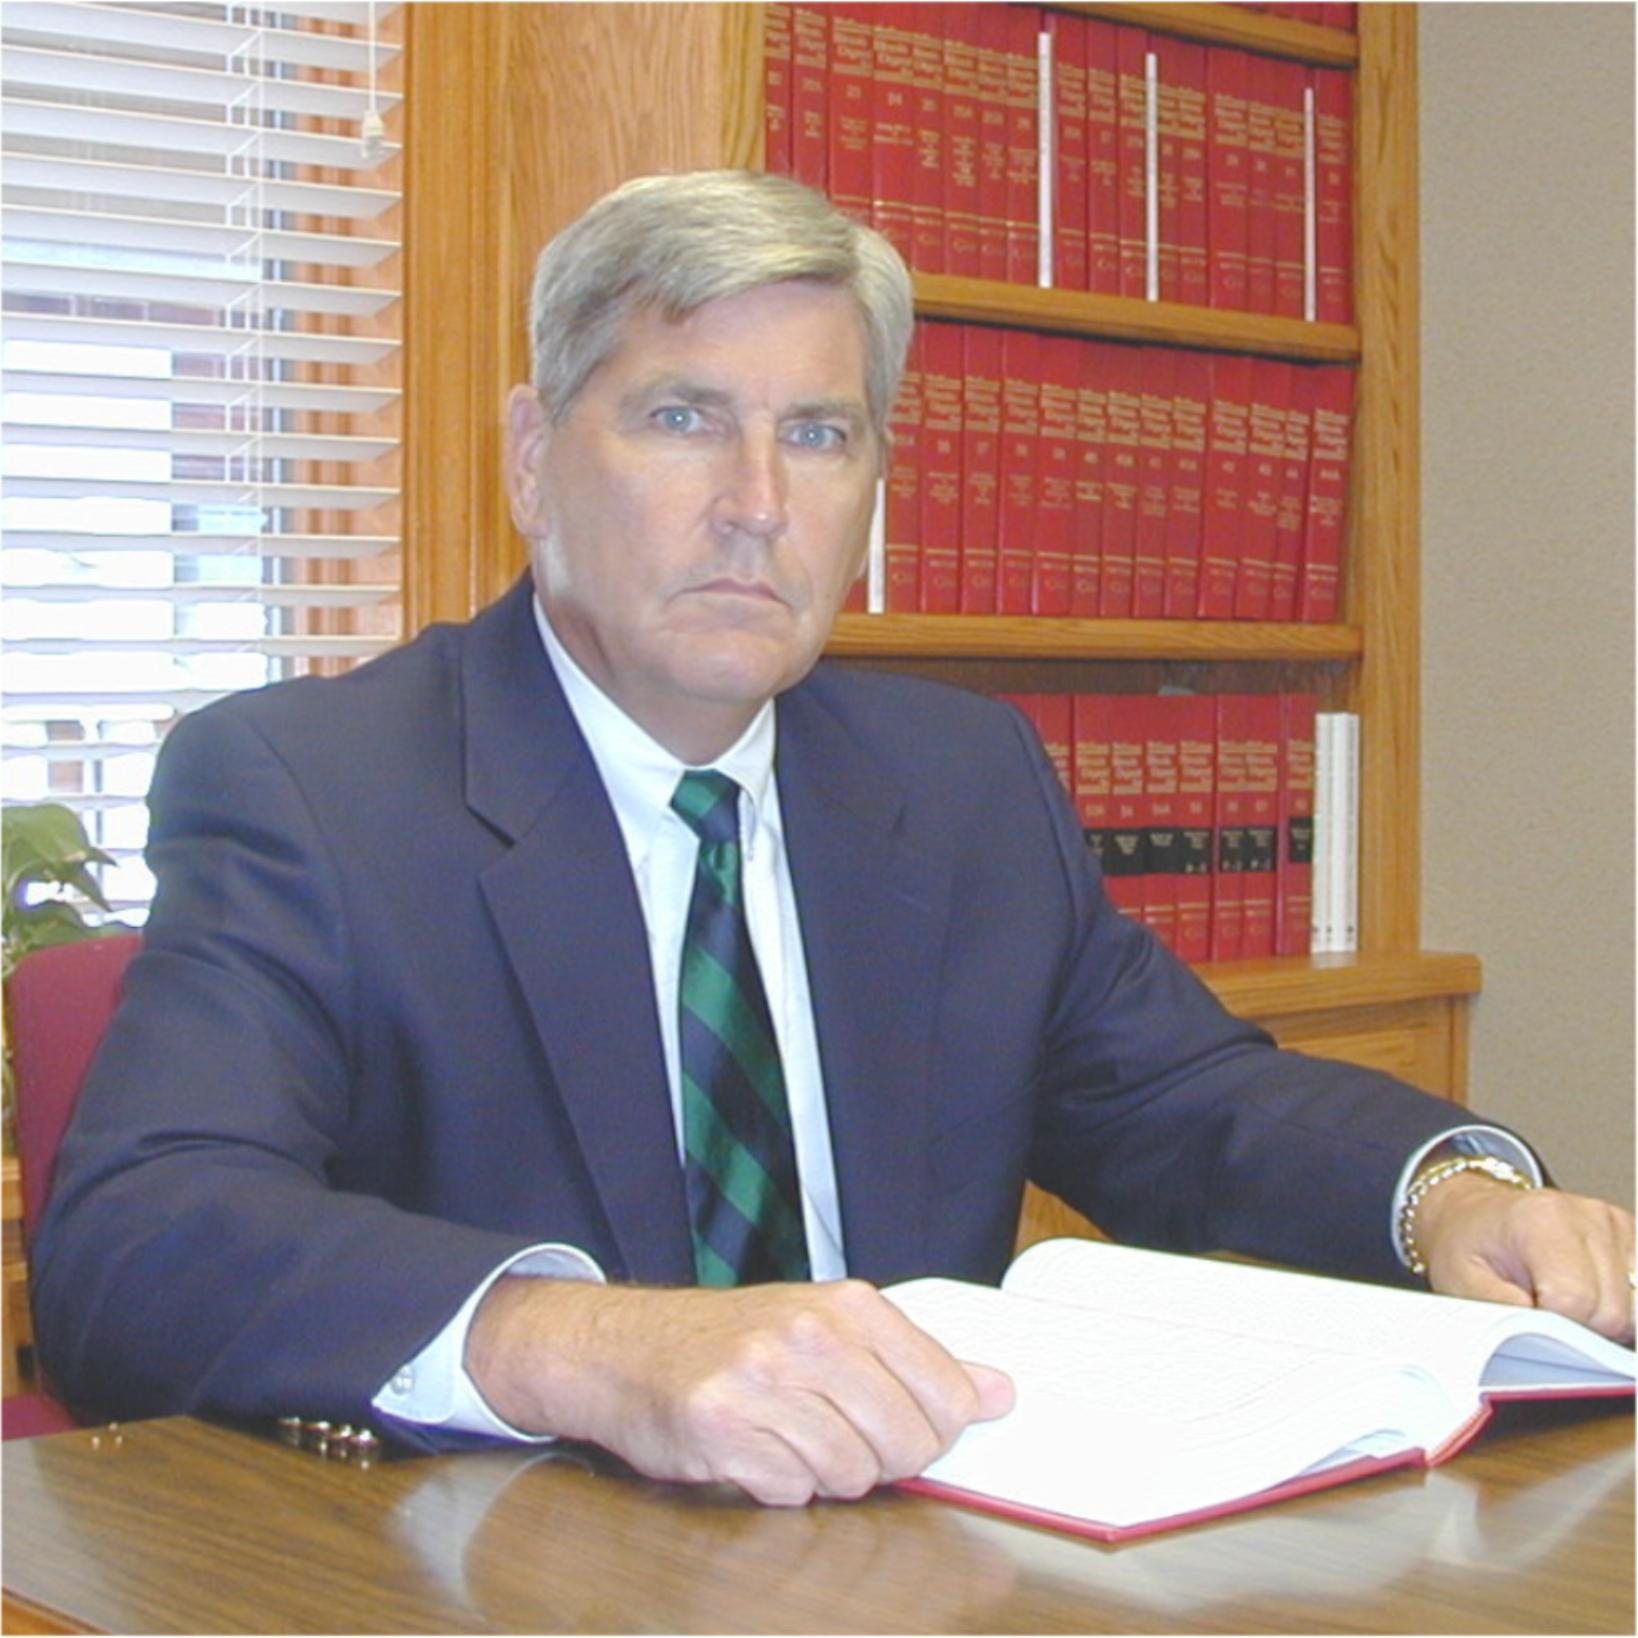 Edward F Brennan  Brennan Law Firm PC  Specializing